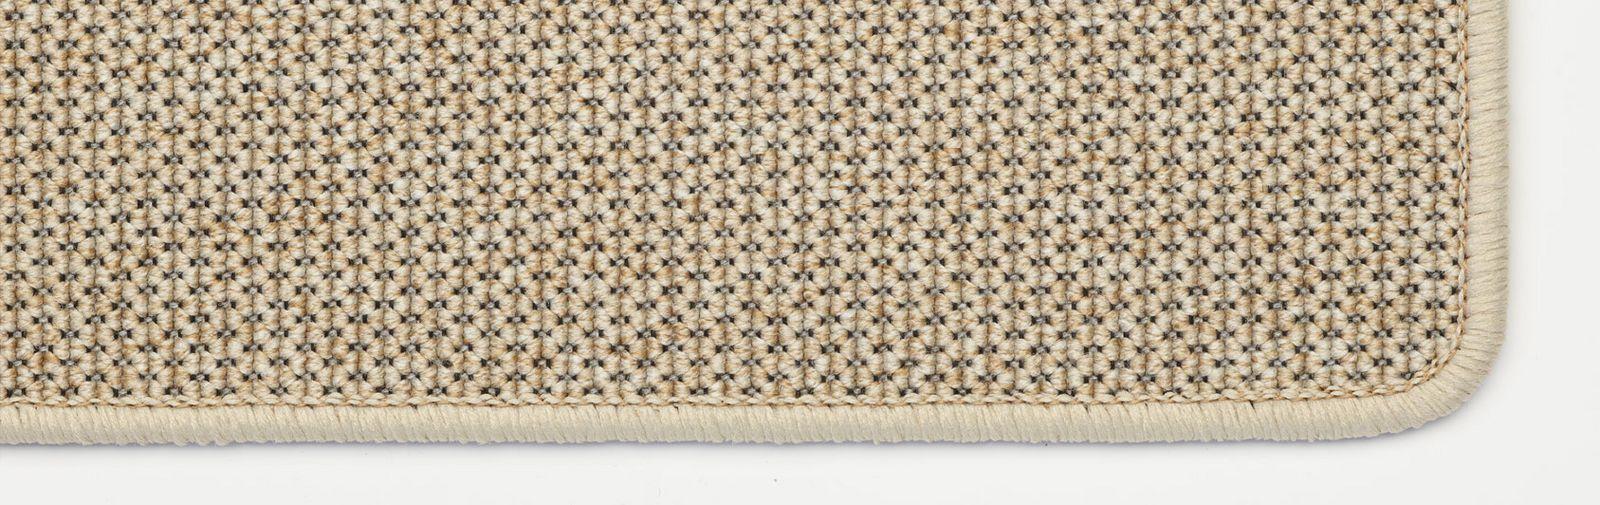 tapis d'église Eco code couleur 40081 couleur beige